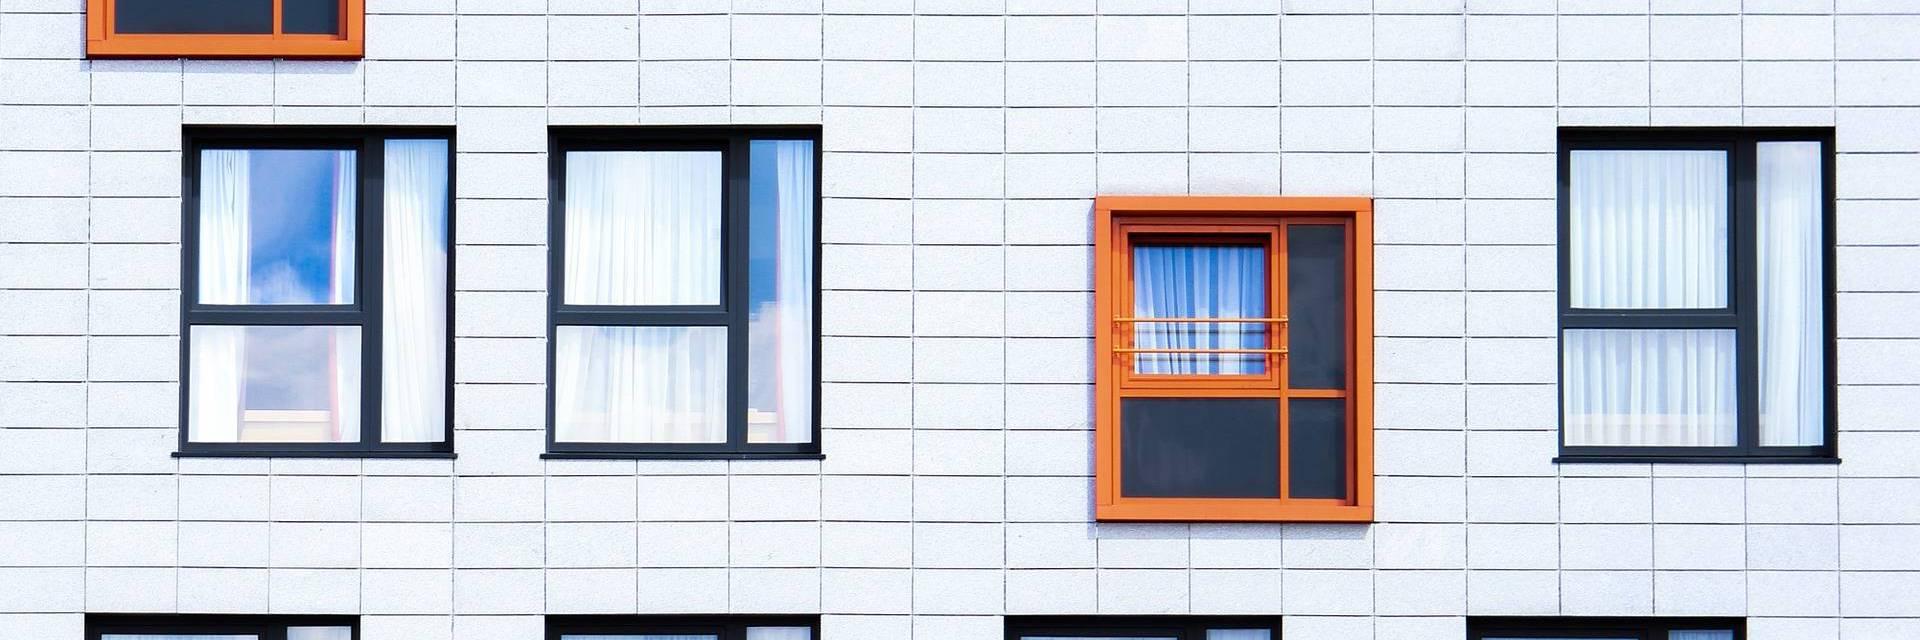 """No âmbito da """"Nova Geração de Políticas de Habitação"""", os Municípios devem elaborar as suas Estratégias Locais de Habitação como condição para submeter as suas candidaturas aos diversos instrumentos de financiamento disponíveis, nomeadamente, ao programa 1º Direito - Programa de Apoio ao Acesso à Habitação."""